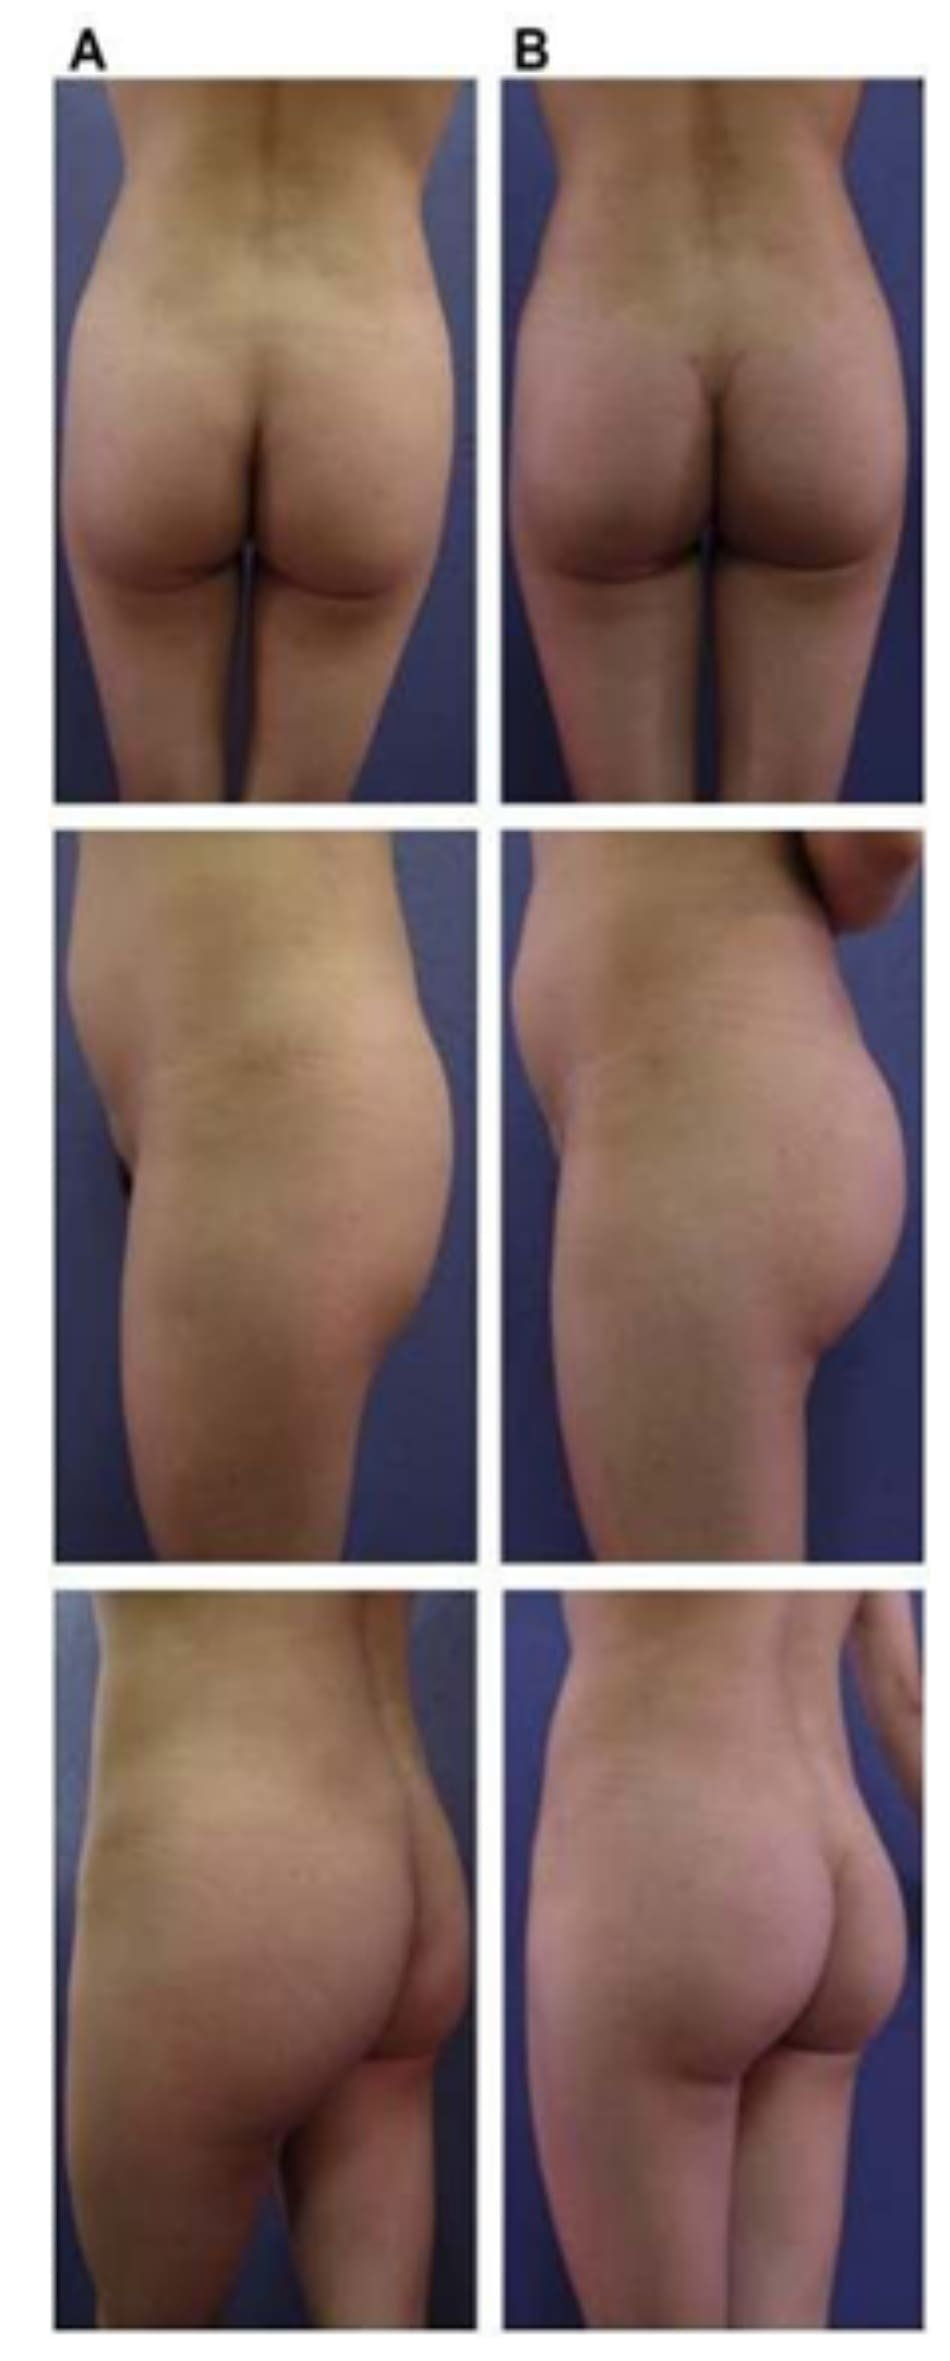 Hình. 18. . (A) Hình anh trước và (B) và sau phẫu thuật làm đầy mông của bệnh nhân được đặt khối implant dưới cân thể tích 225 mL, hai bên.